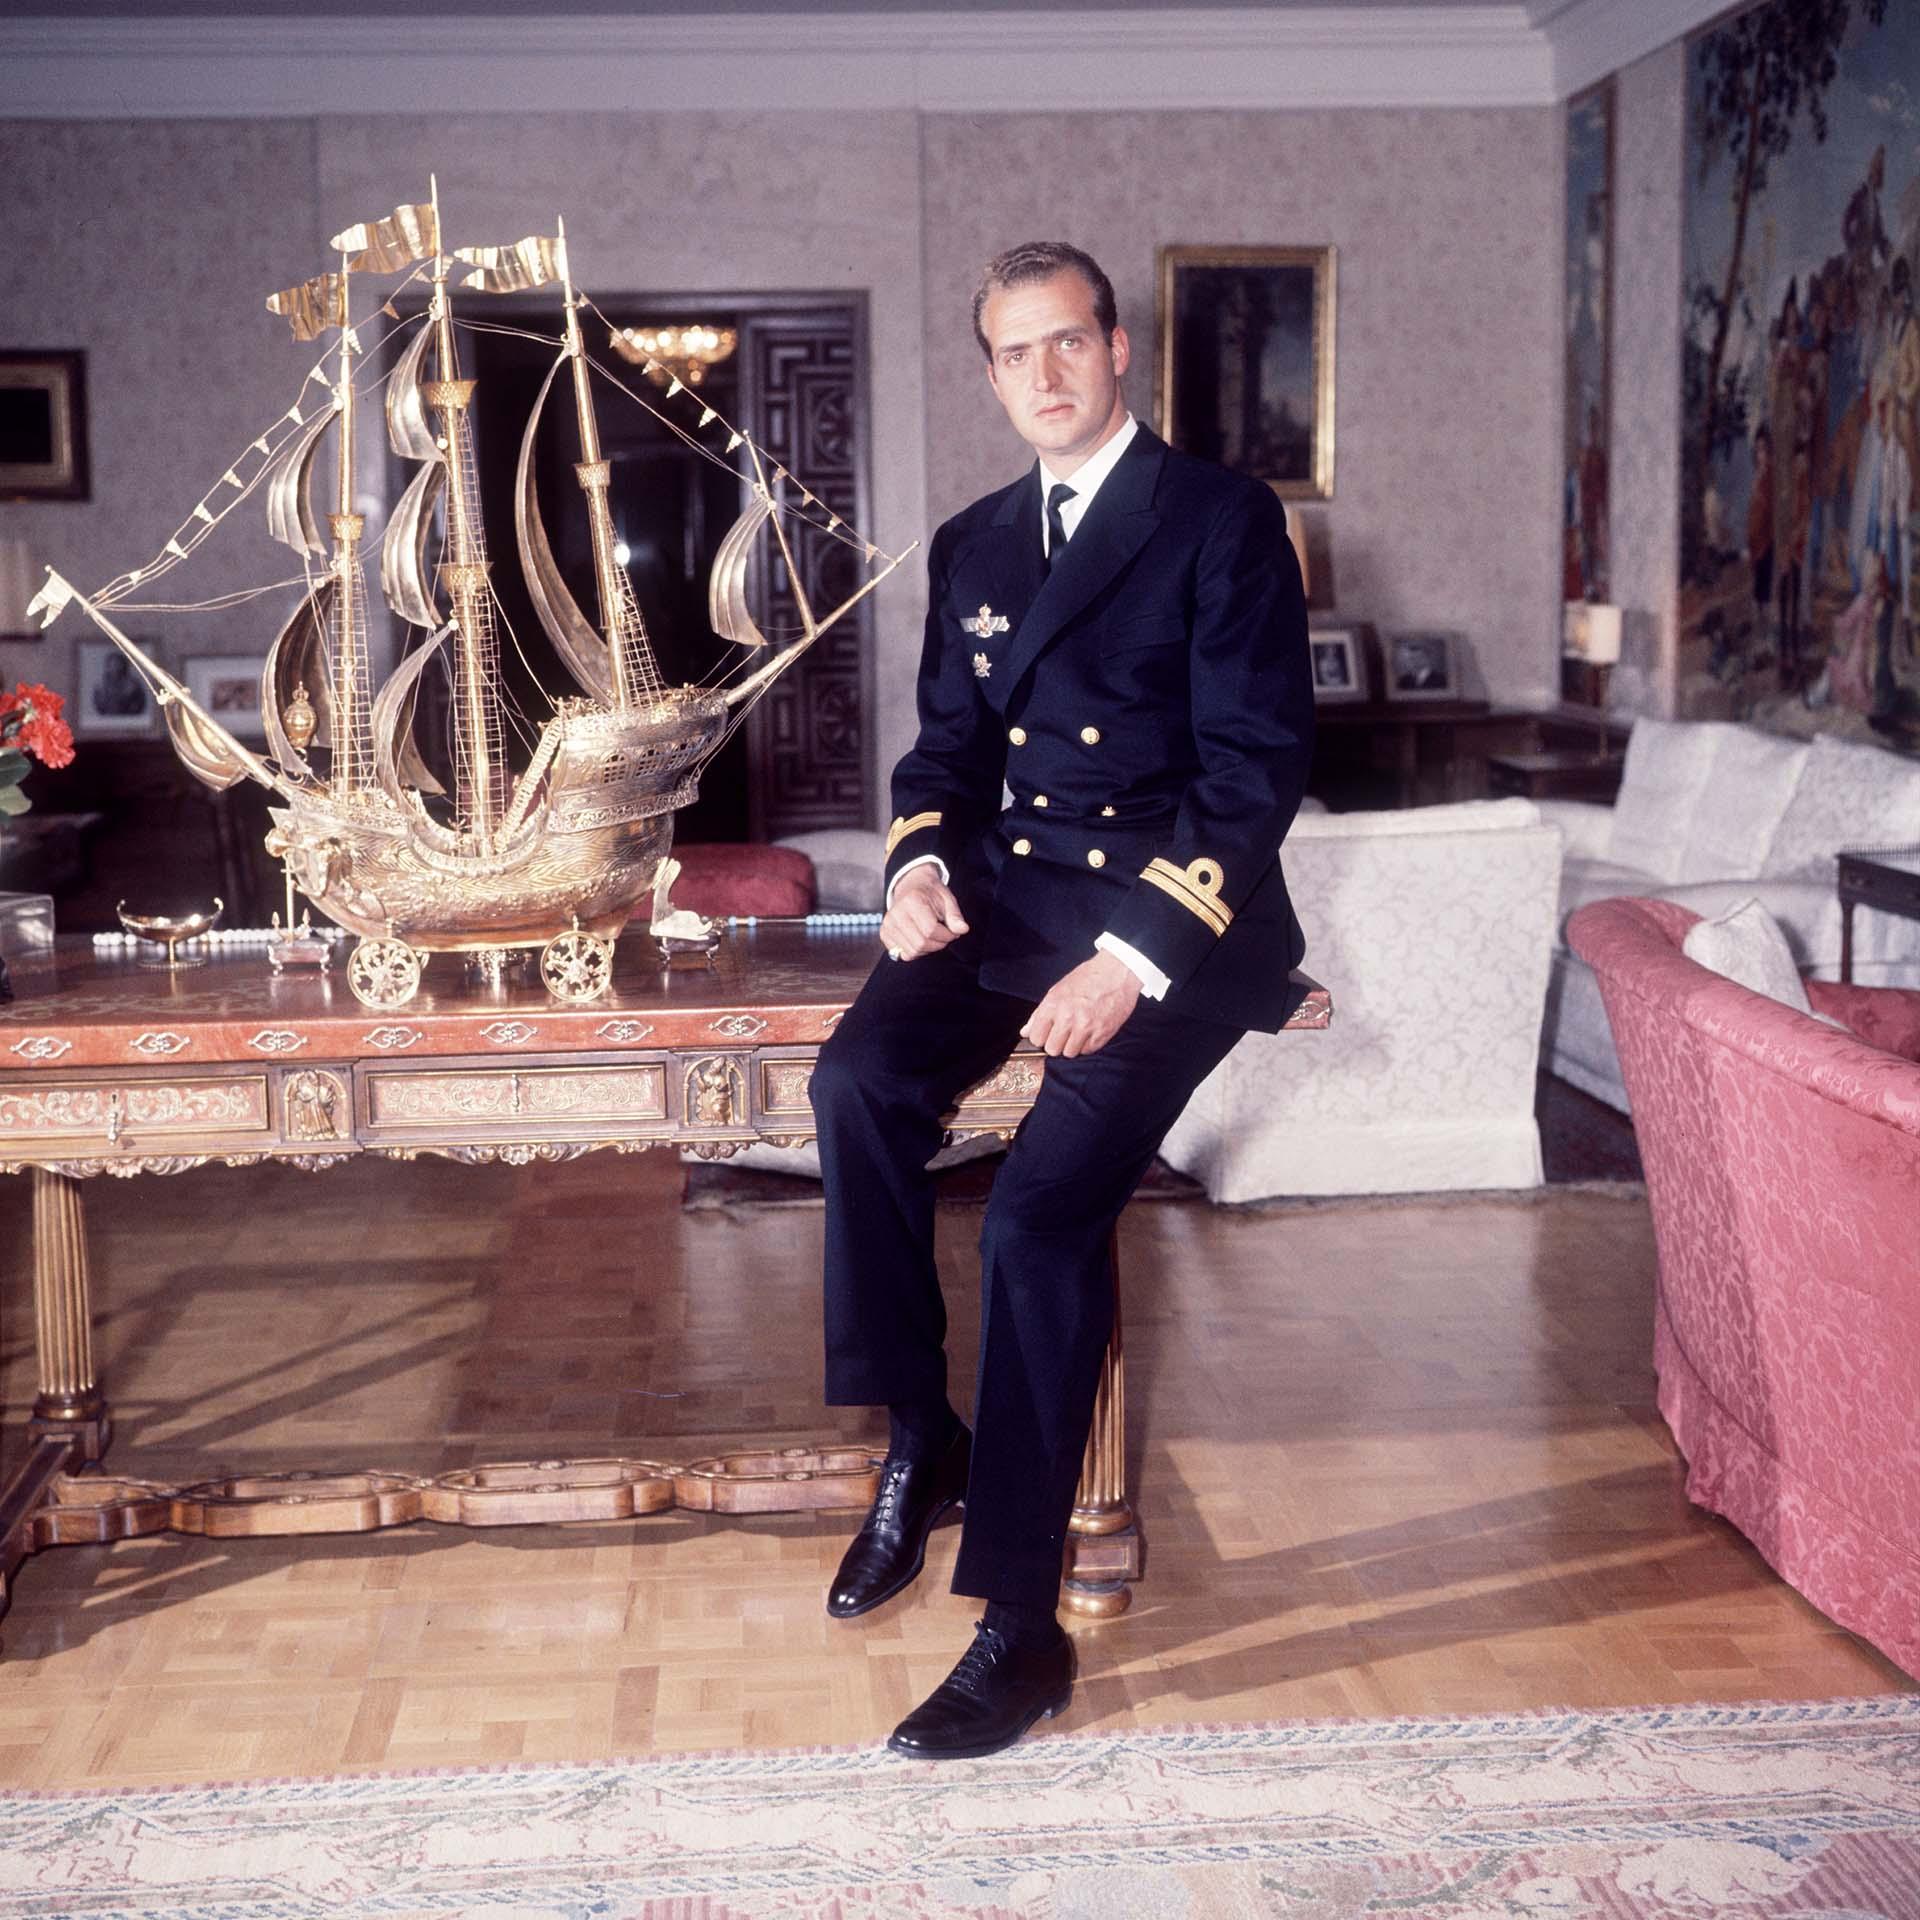 El aún príncipe Juan Carlos Borbón en el palacio, en una imagen tomada en 1968 (Shutterstock)